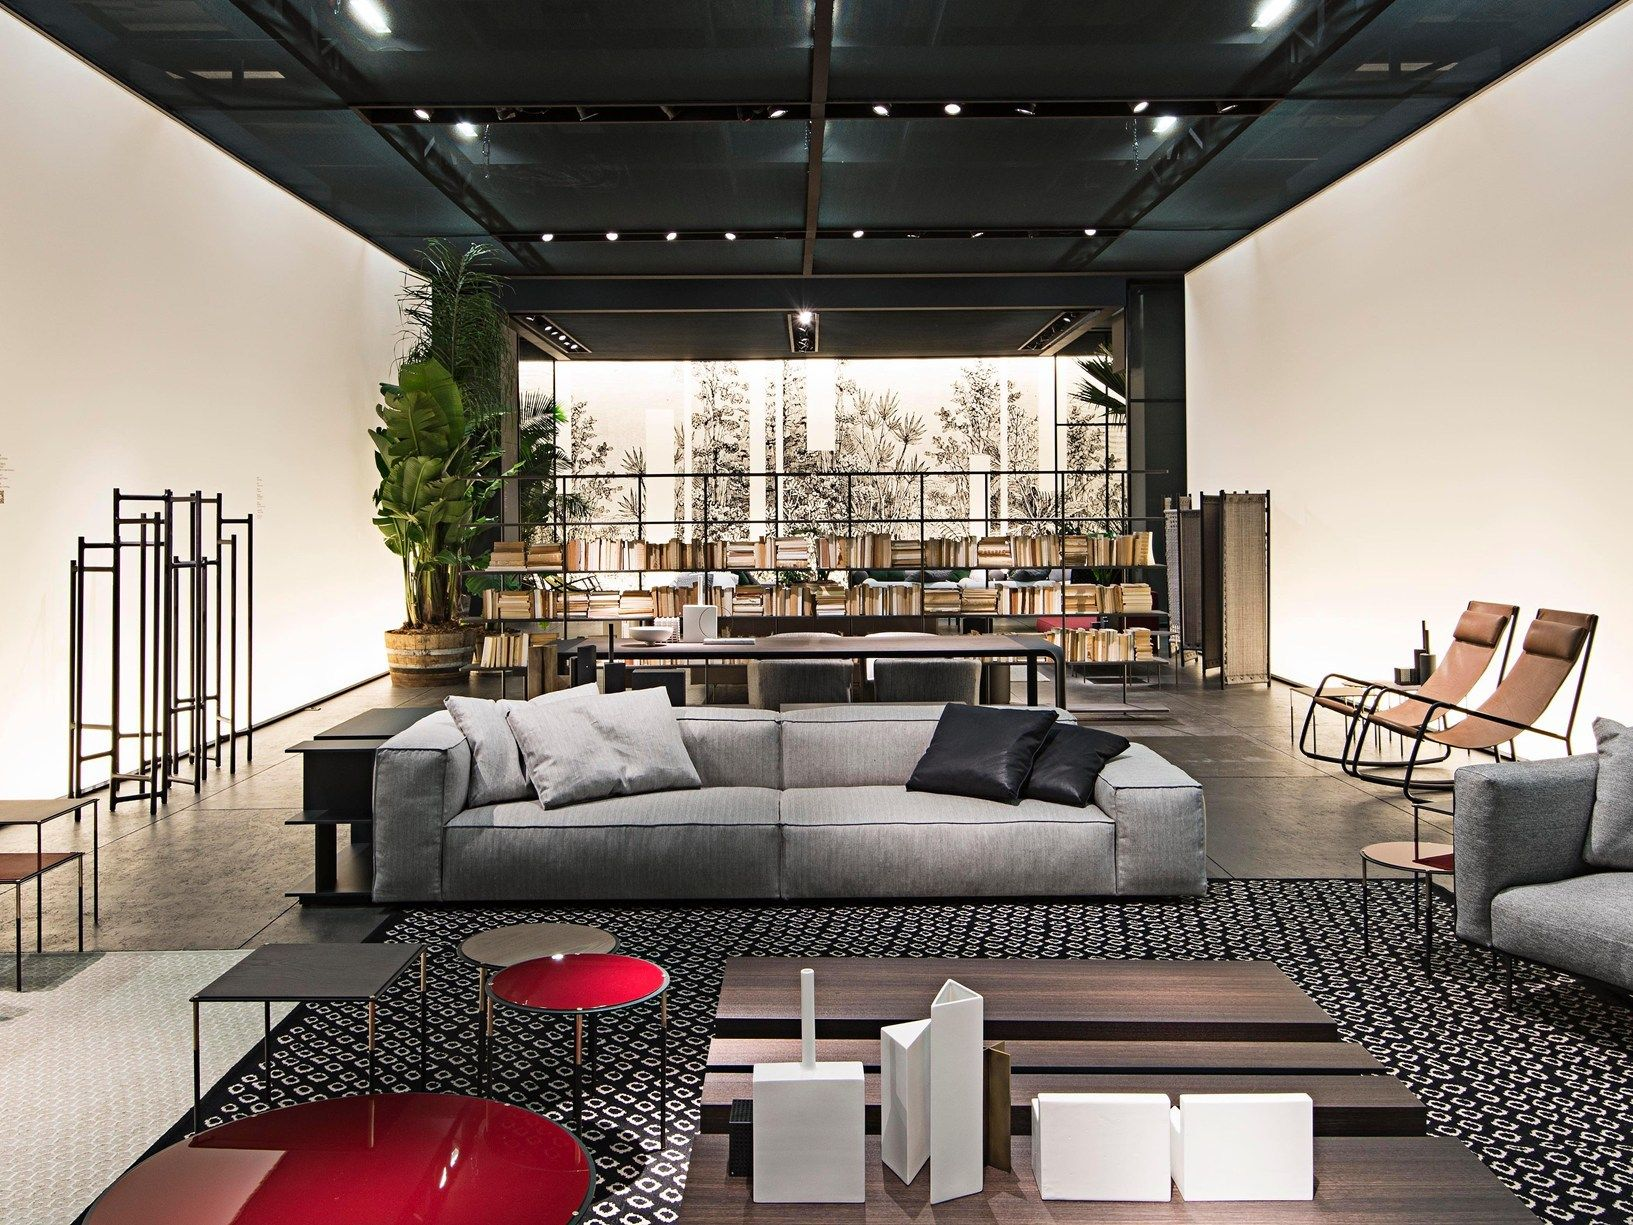 Fiera Del Mobile Colonia 2018 living divani. atmosfere rilassate tra sogno e realtÀ